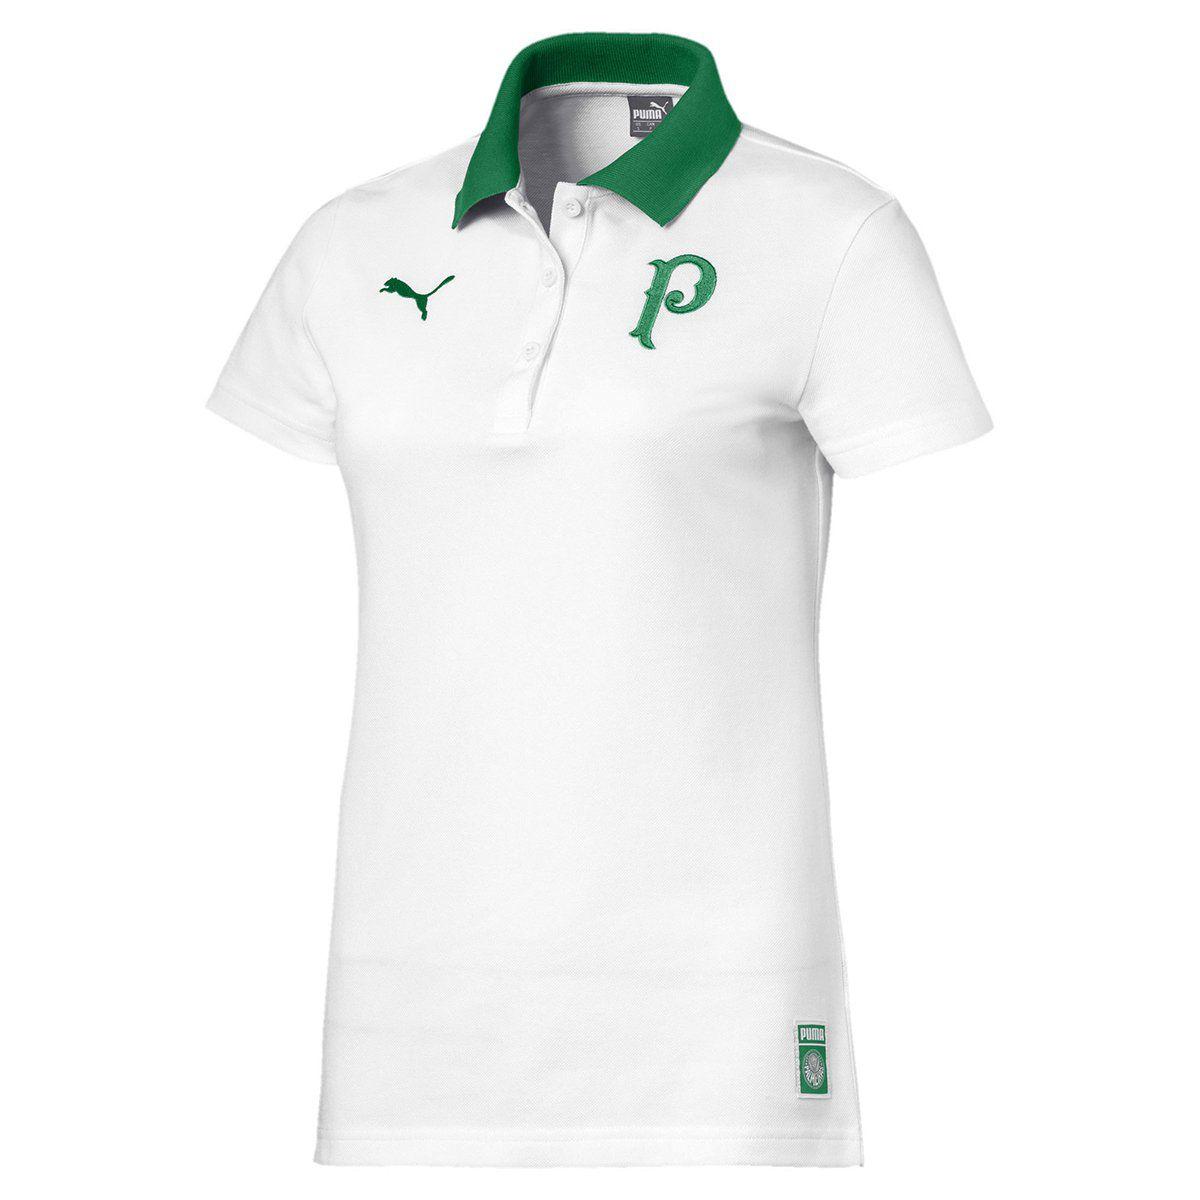 Camisa Polo Palmeiras Puma 2019 Feminina